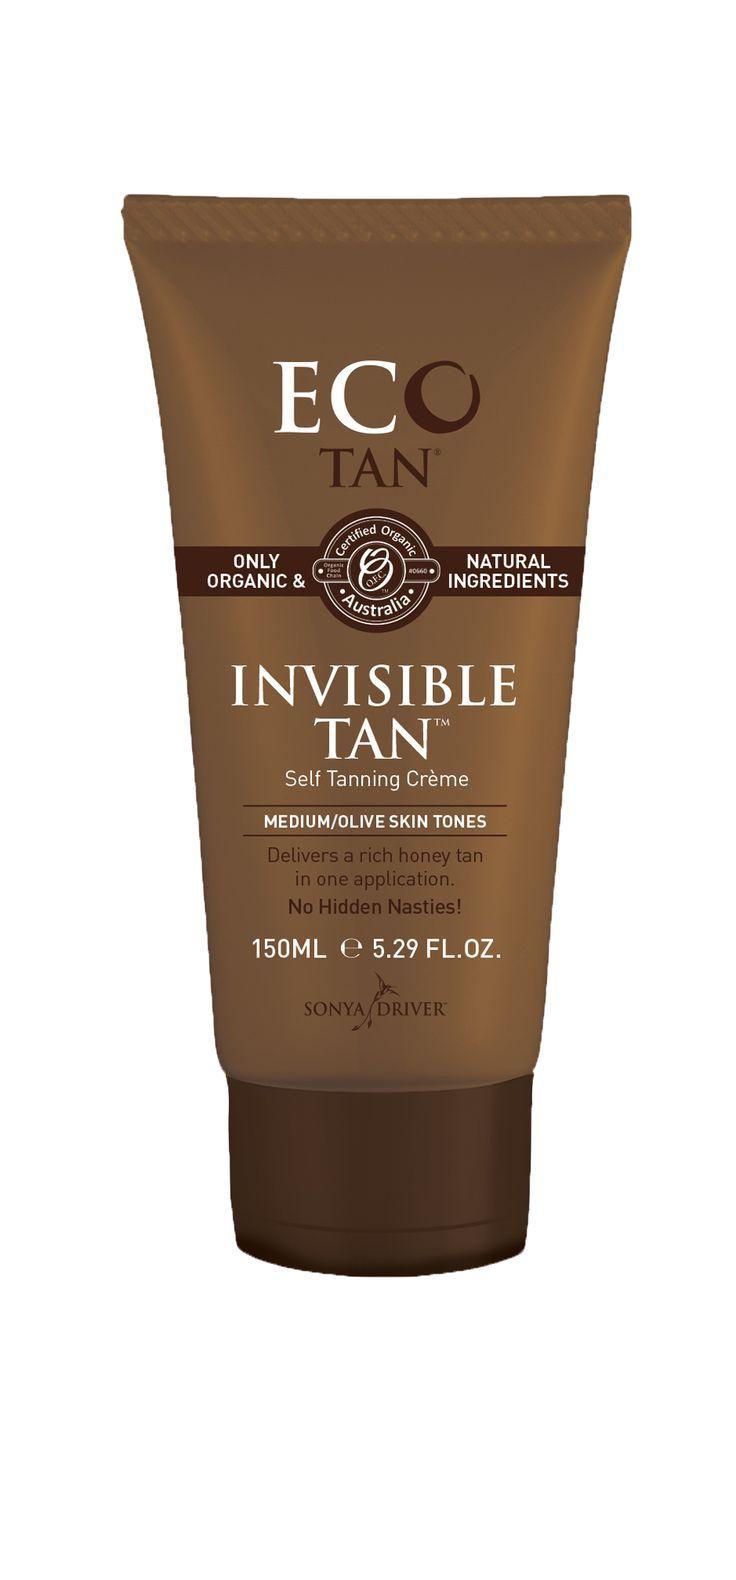 Eco Tan - Invisible Tan